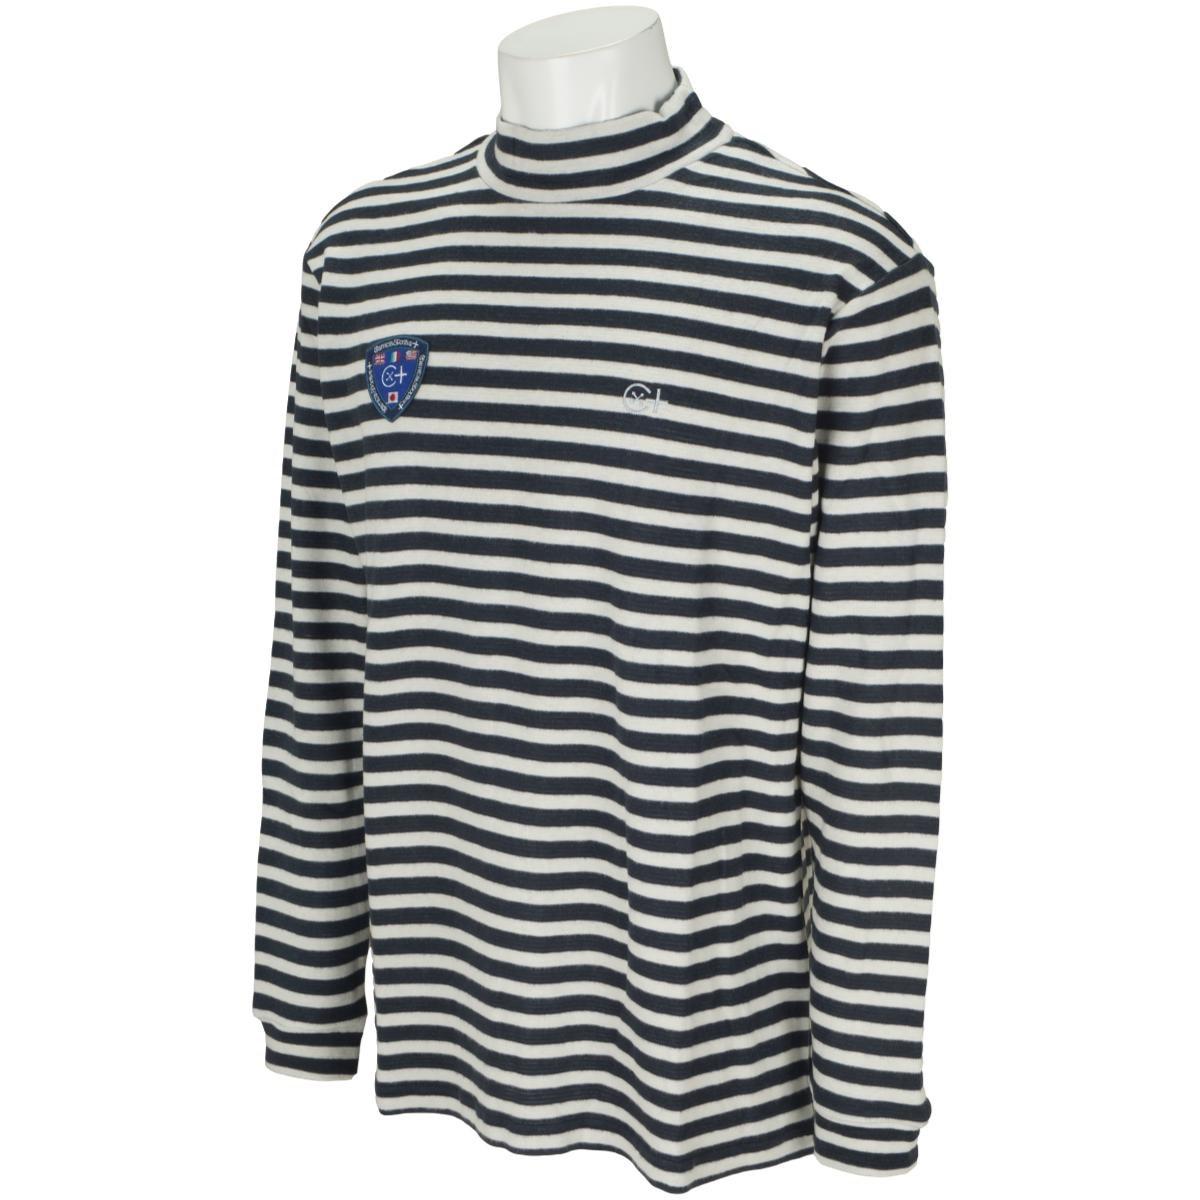 カミーチャスポルティーバプラス Camicia Sportiva+ 起毛ボーダー長袖モックネックシャツ 50 オフホワイト